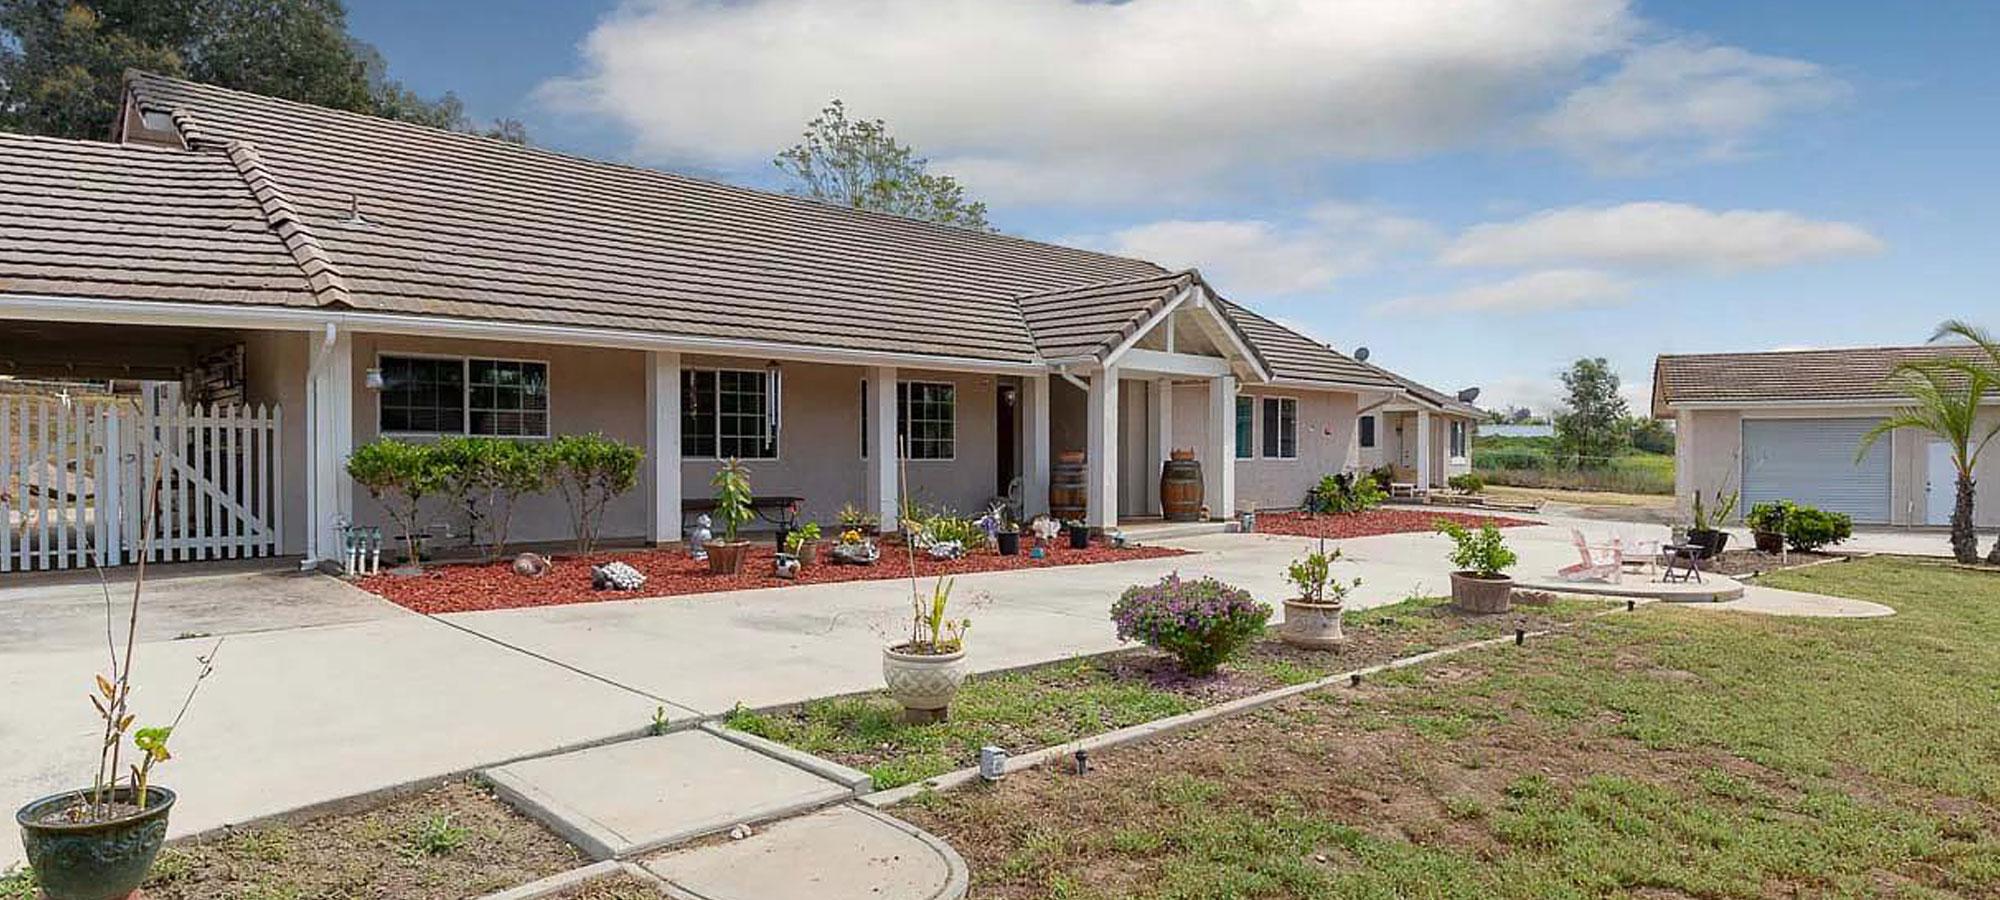 615 Cox Rd. San Marcos, CA 92069